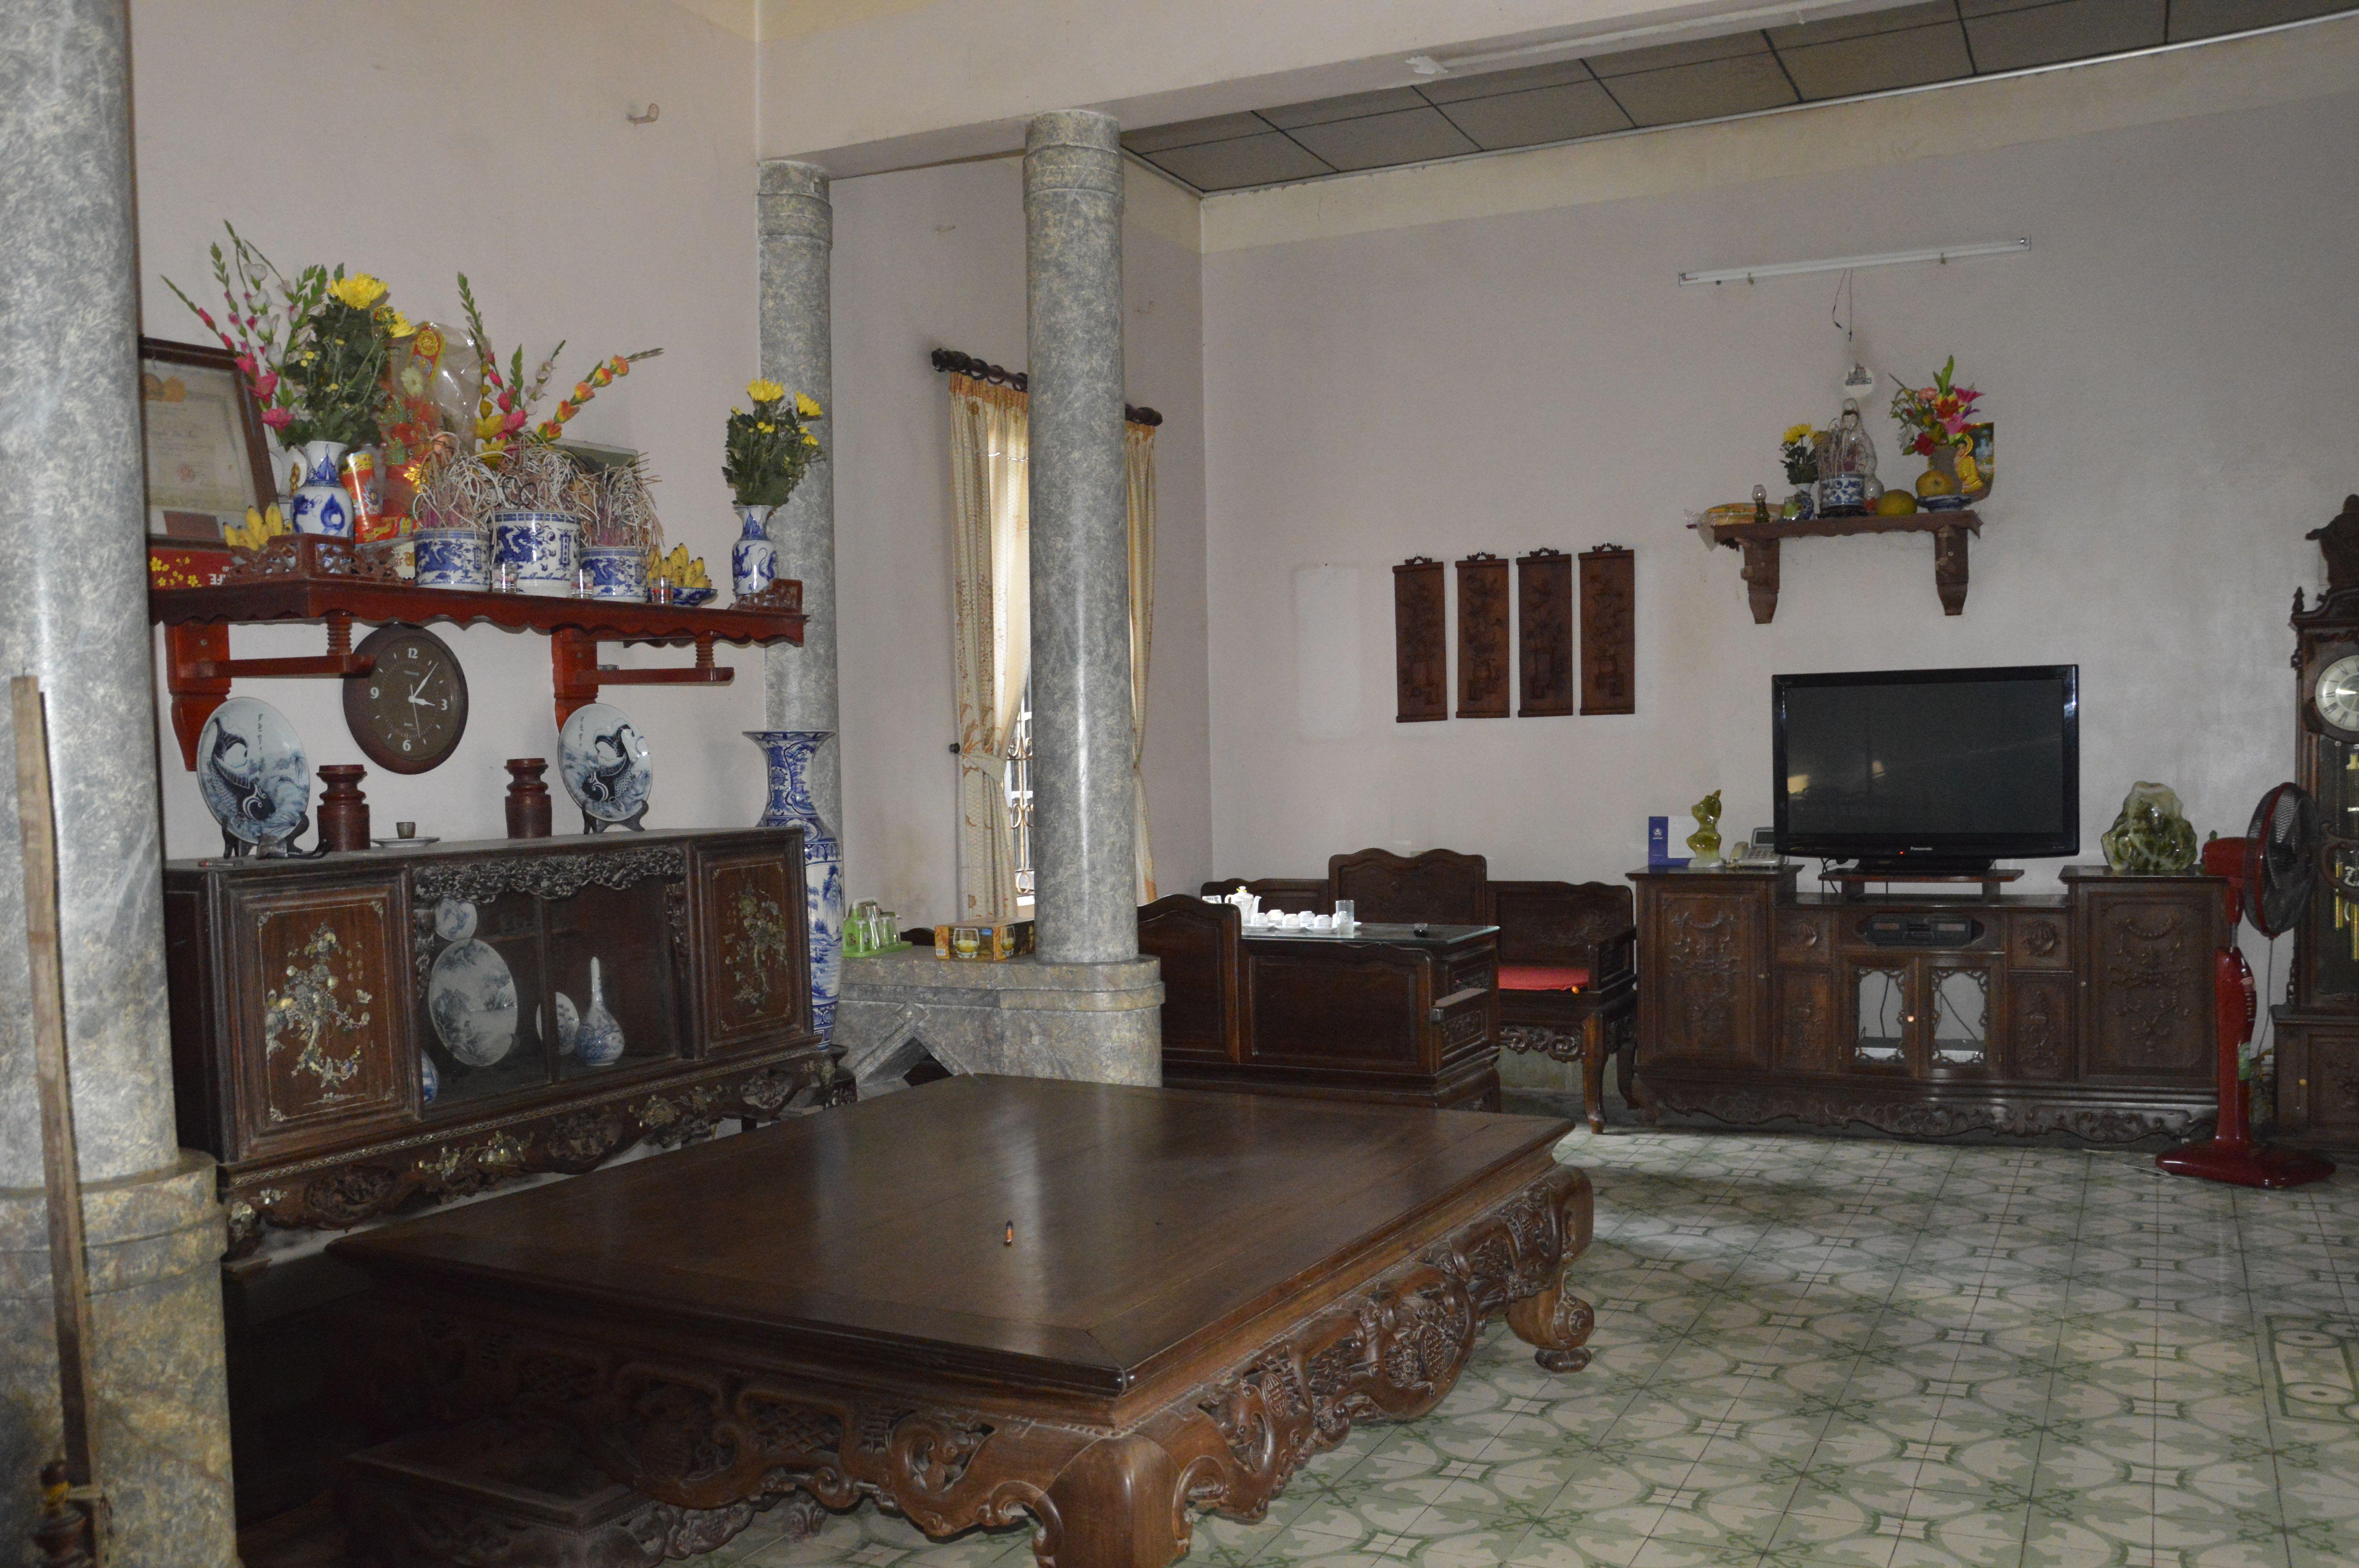 Salon à l'intérieur de l'ancienne maison authentique à Chua Thay. Http://aventure-vietnam.com